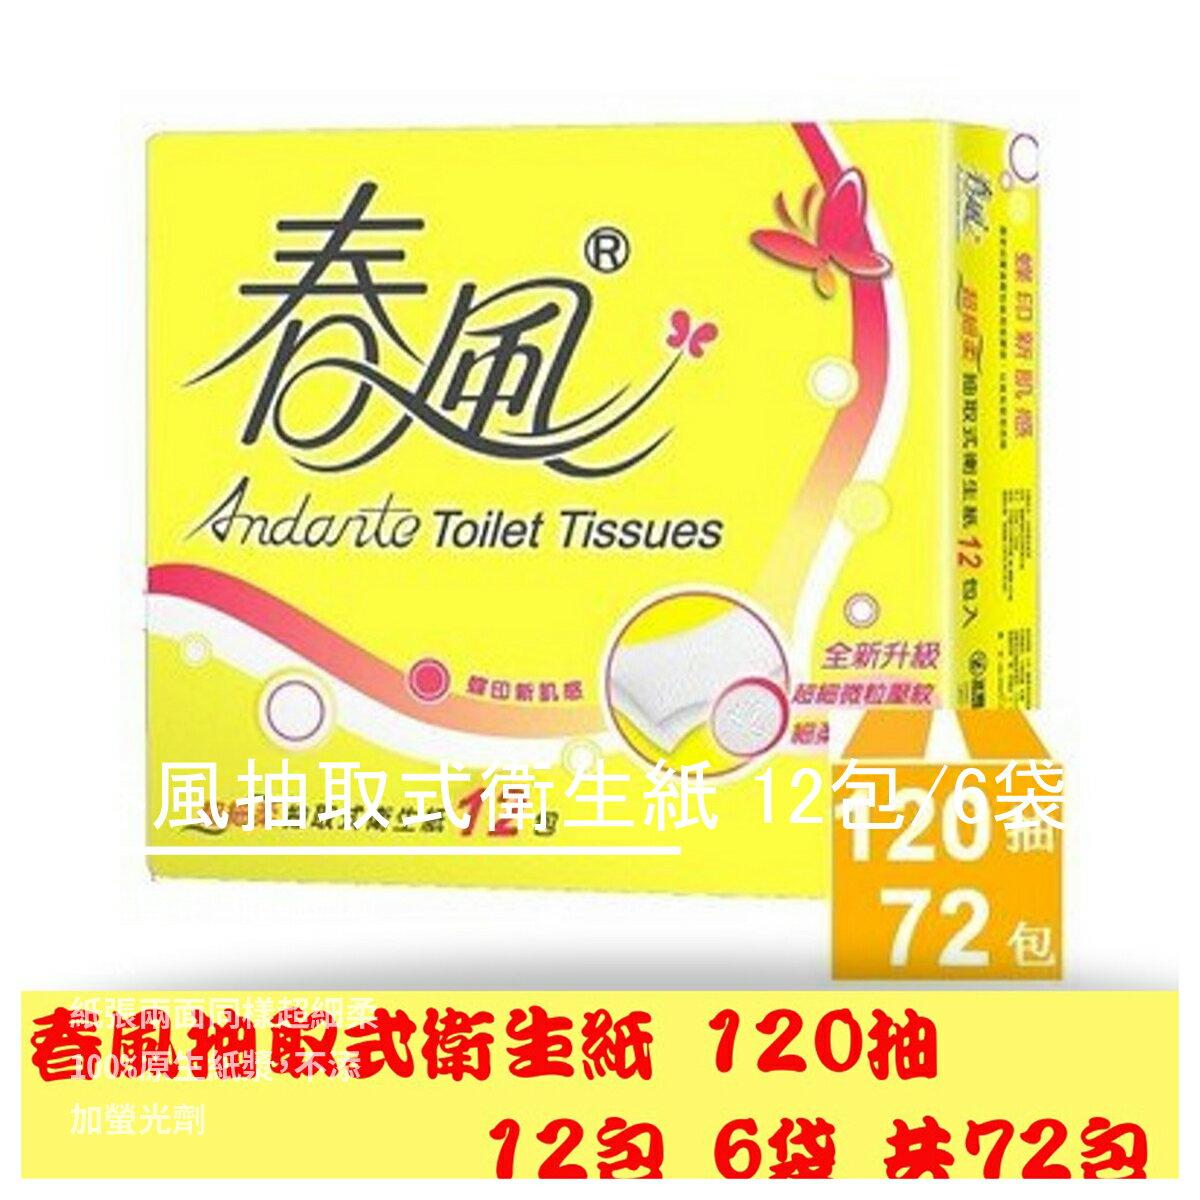 【衛生紙及老人尿布】春風抽取式衛生紙 12包/6袋/箱